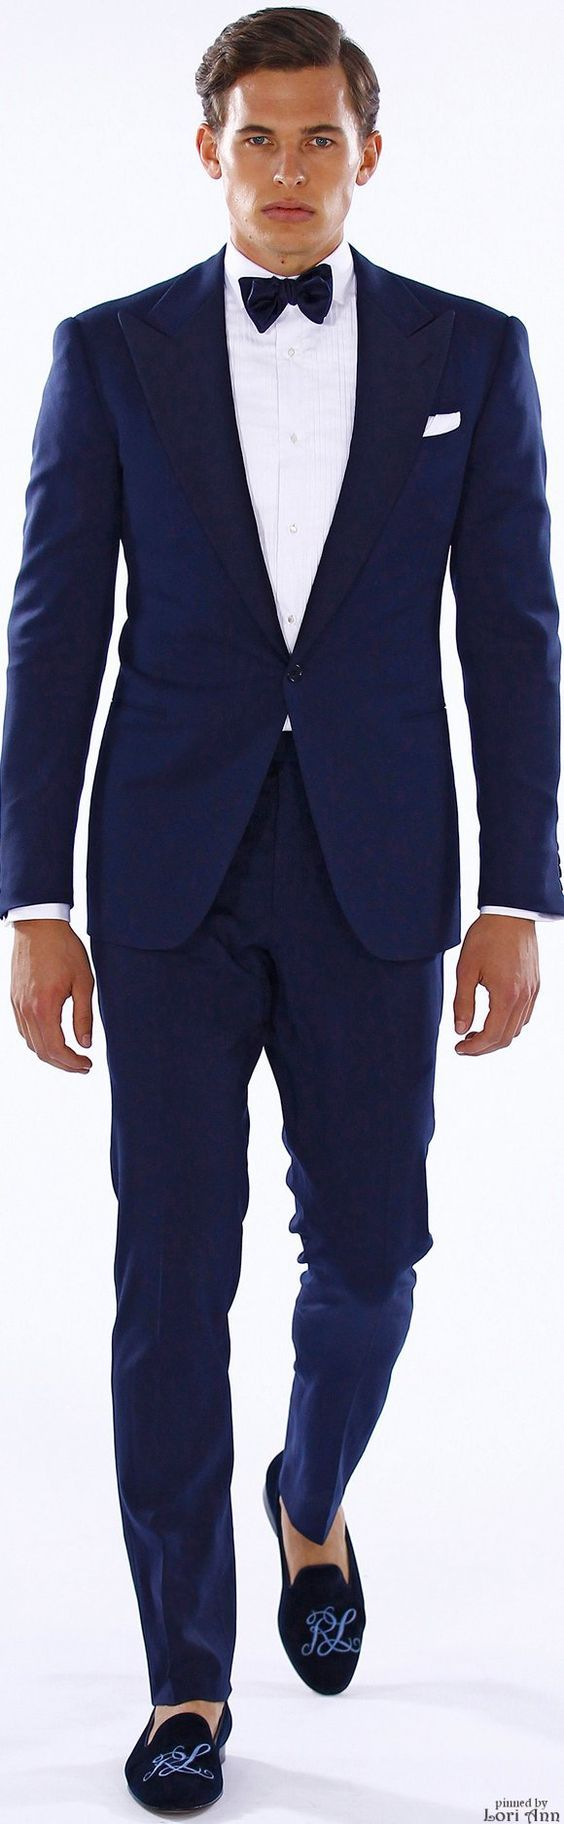 Recorremos las tendencias en trajes para novios con 20+ ejemplos de trajes de novio modernos para bodas formales e informales. Toma nota!!!!